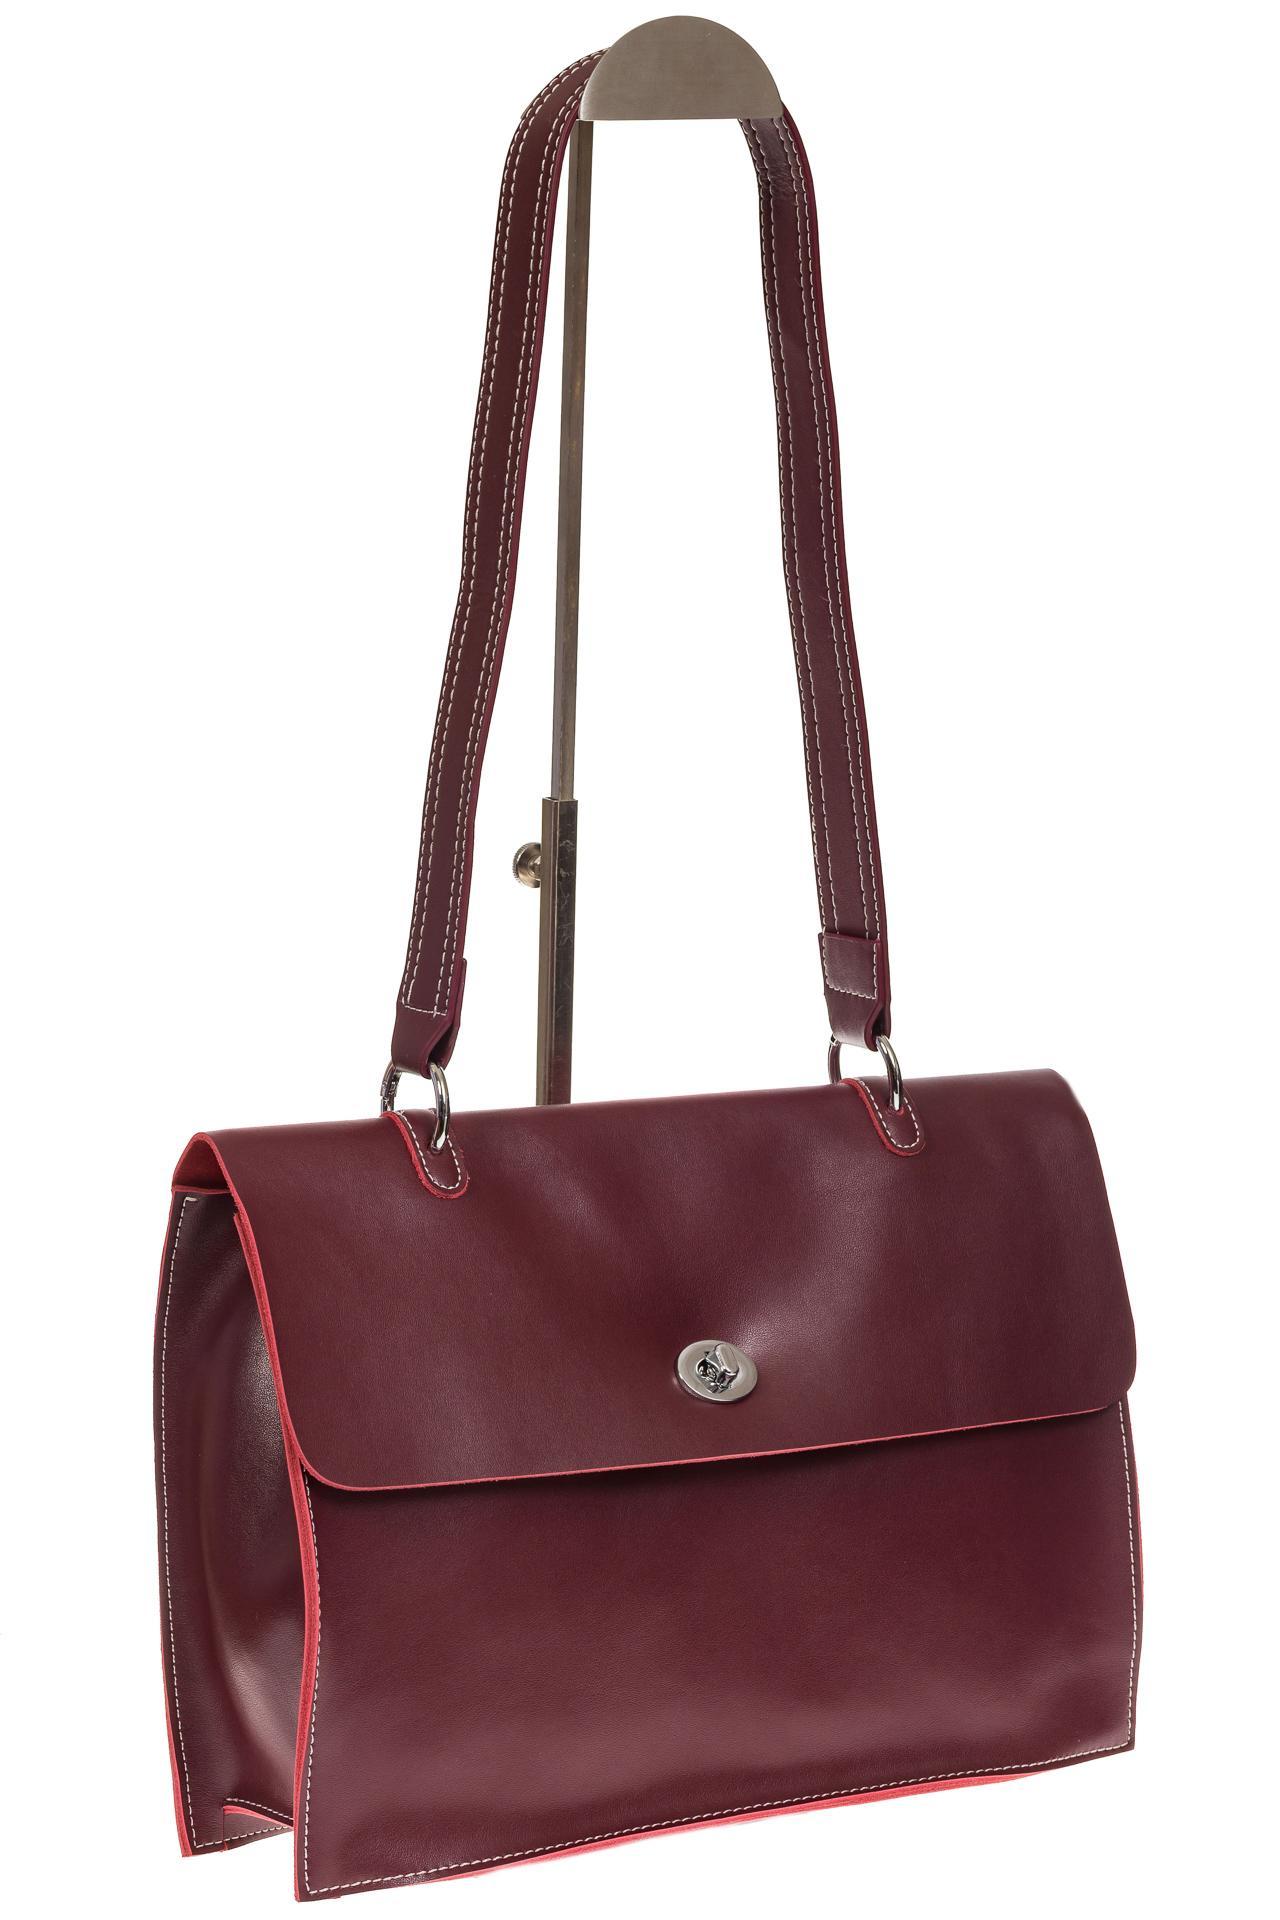 9947faa500db Женские кожаные сумки оптом - купить женские сумочки из натуральной кожи у  поставщика